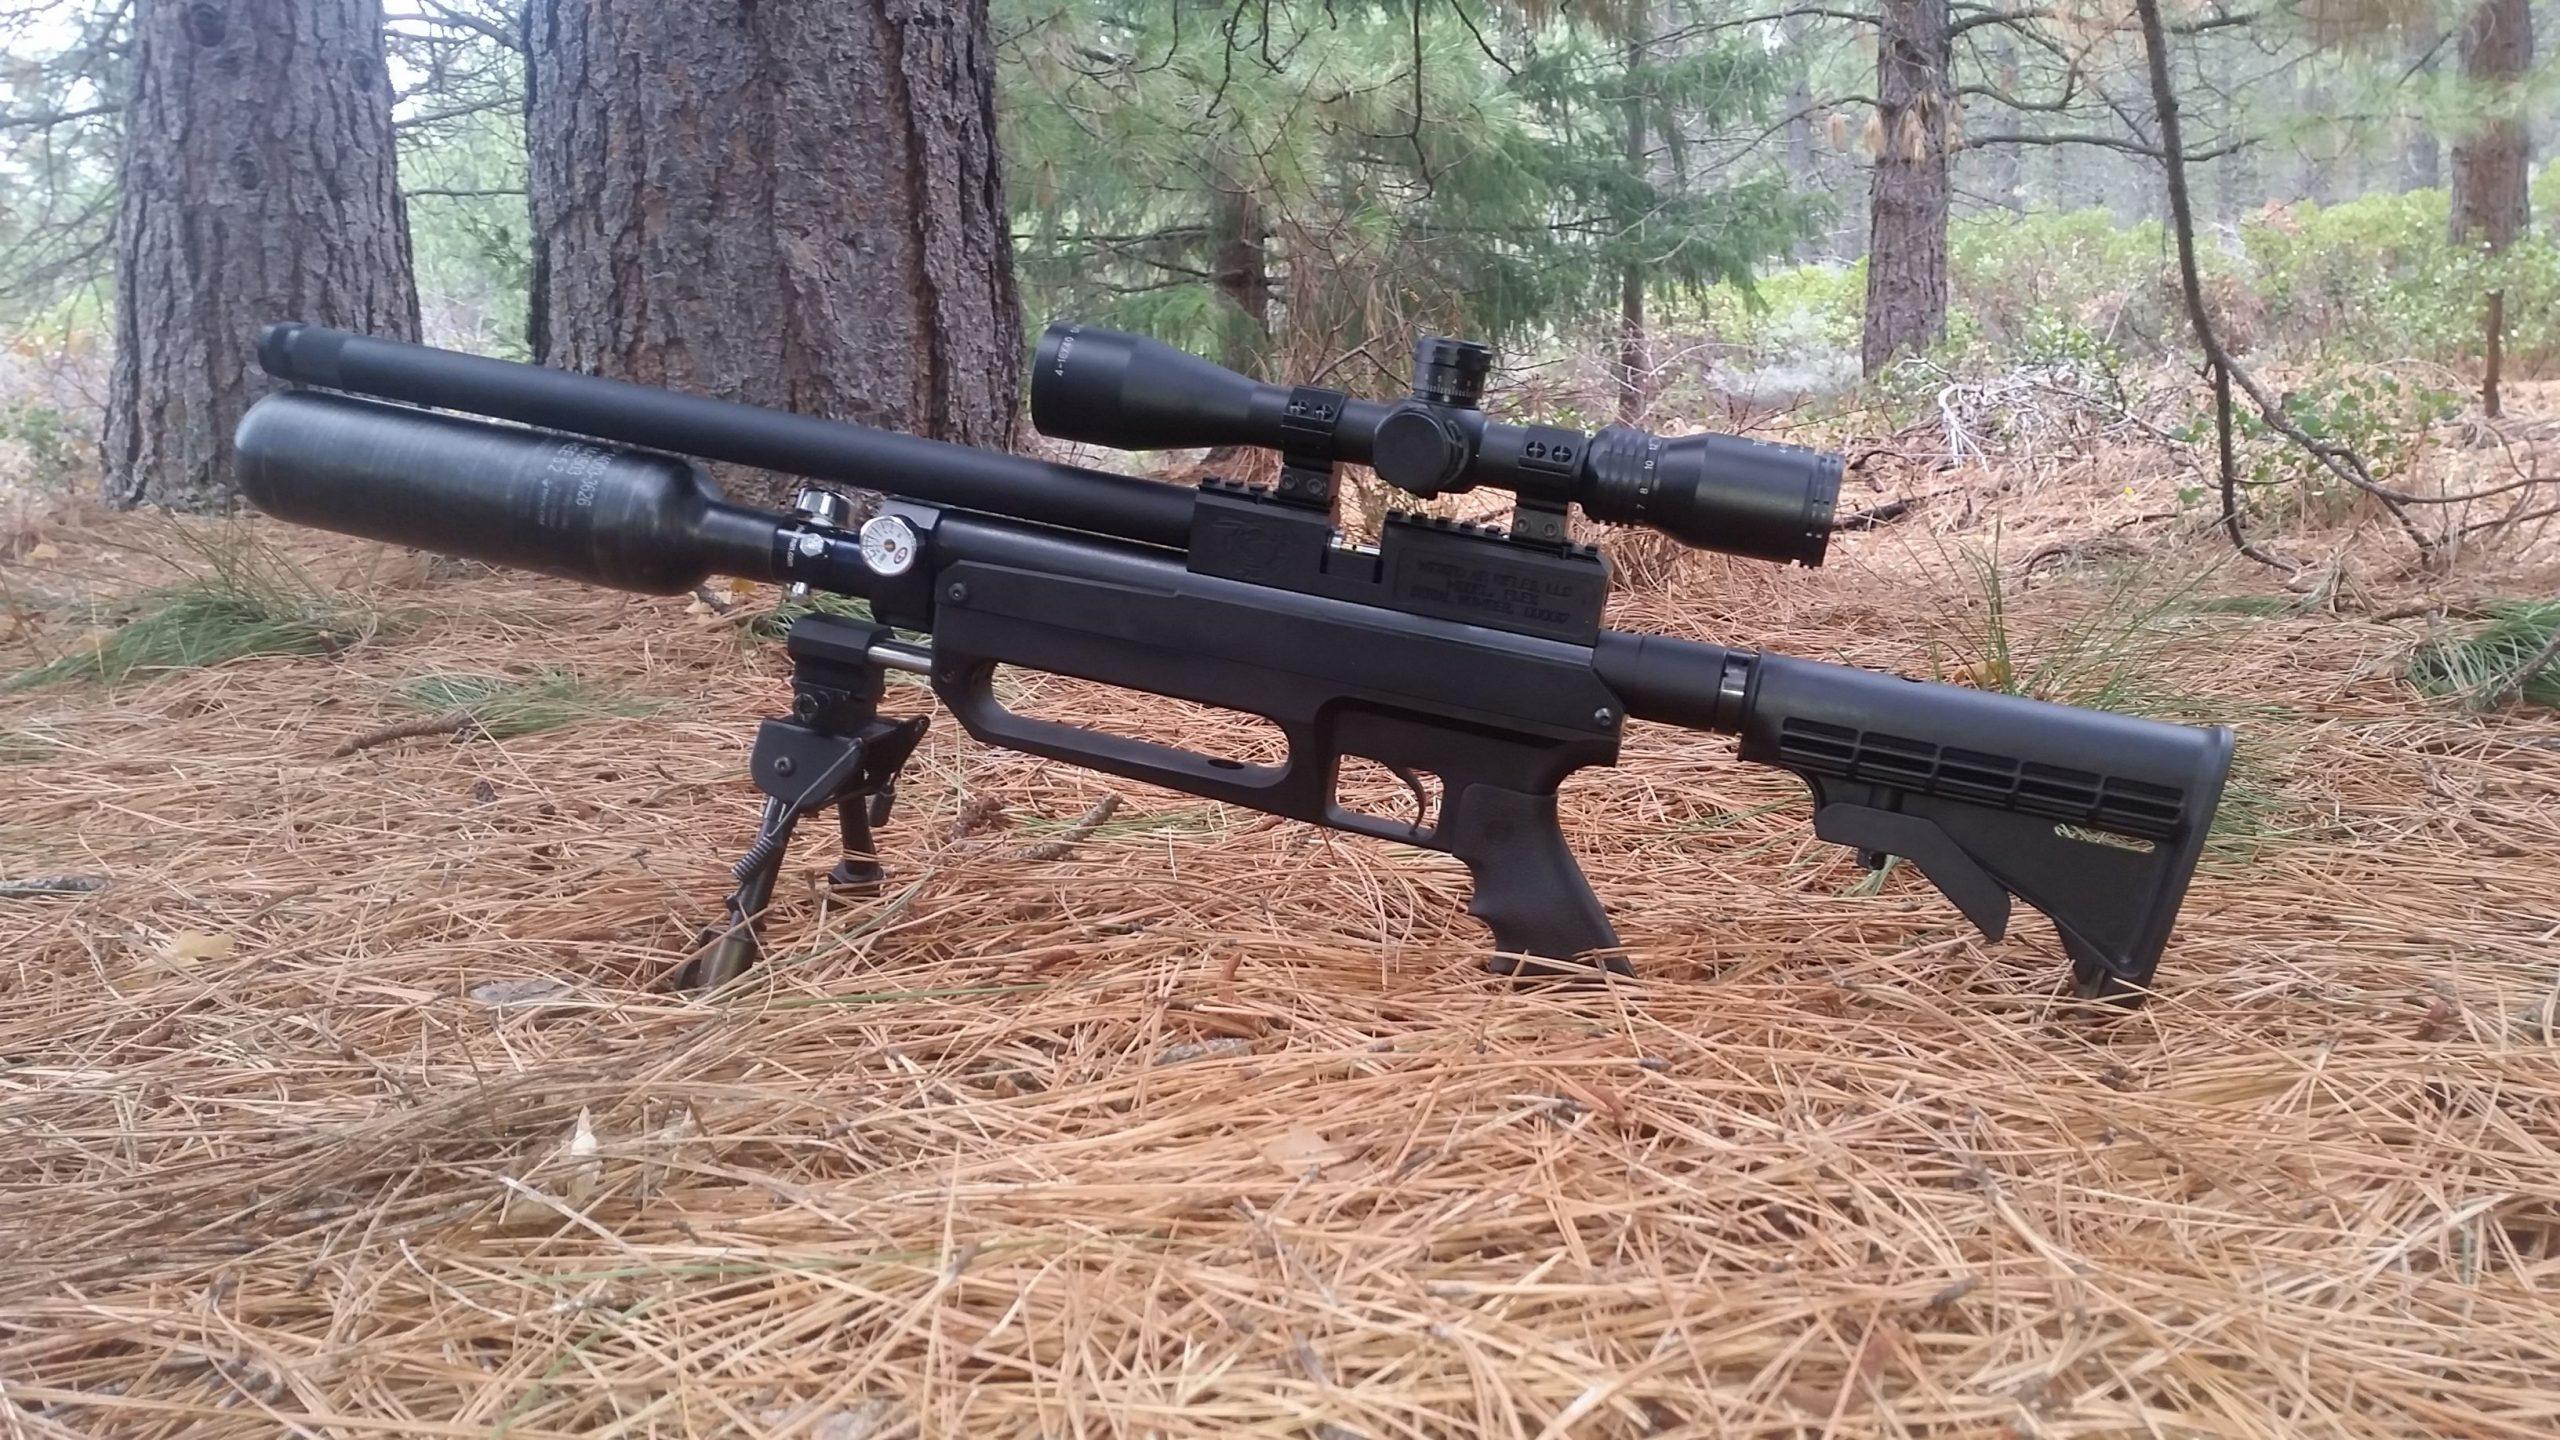 Best Pellet Guns For Hunting